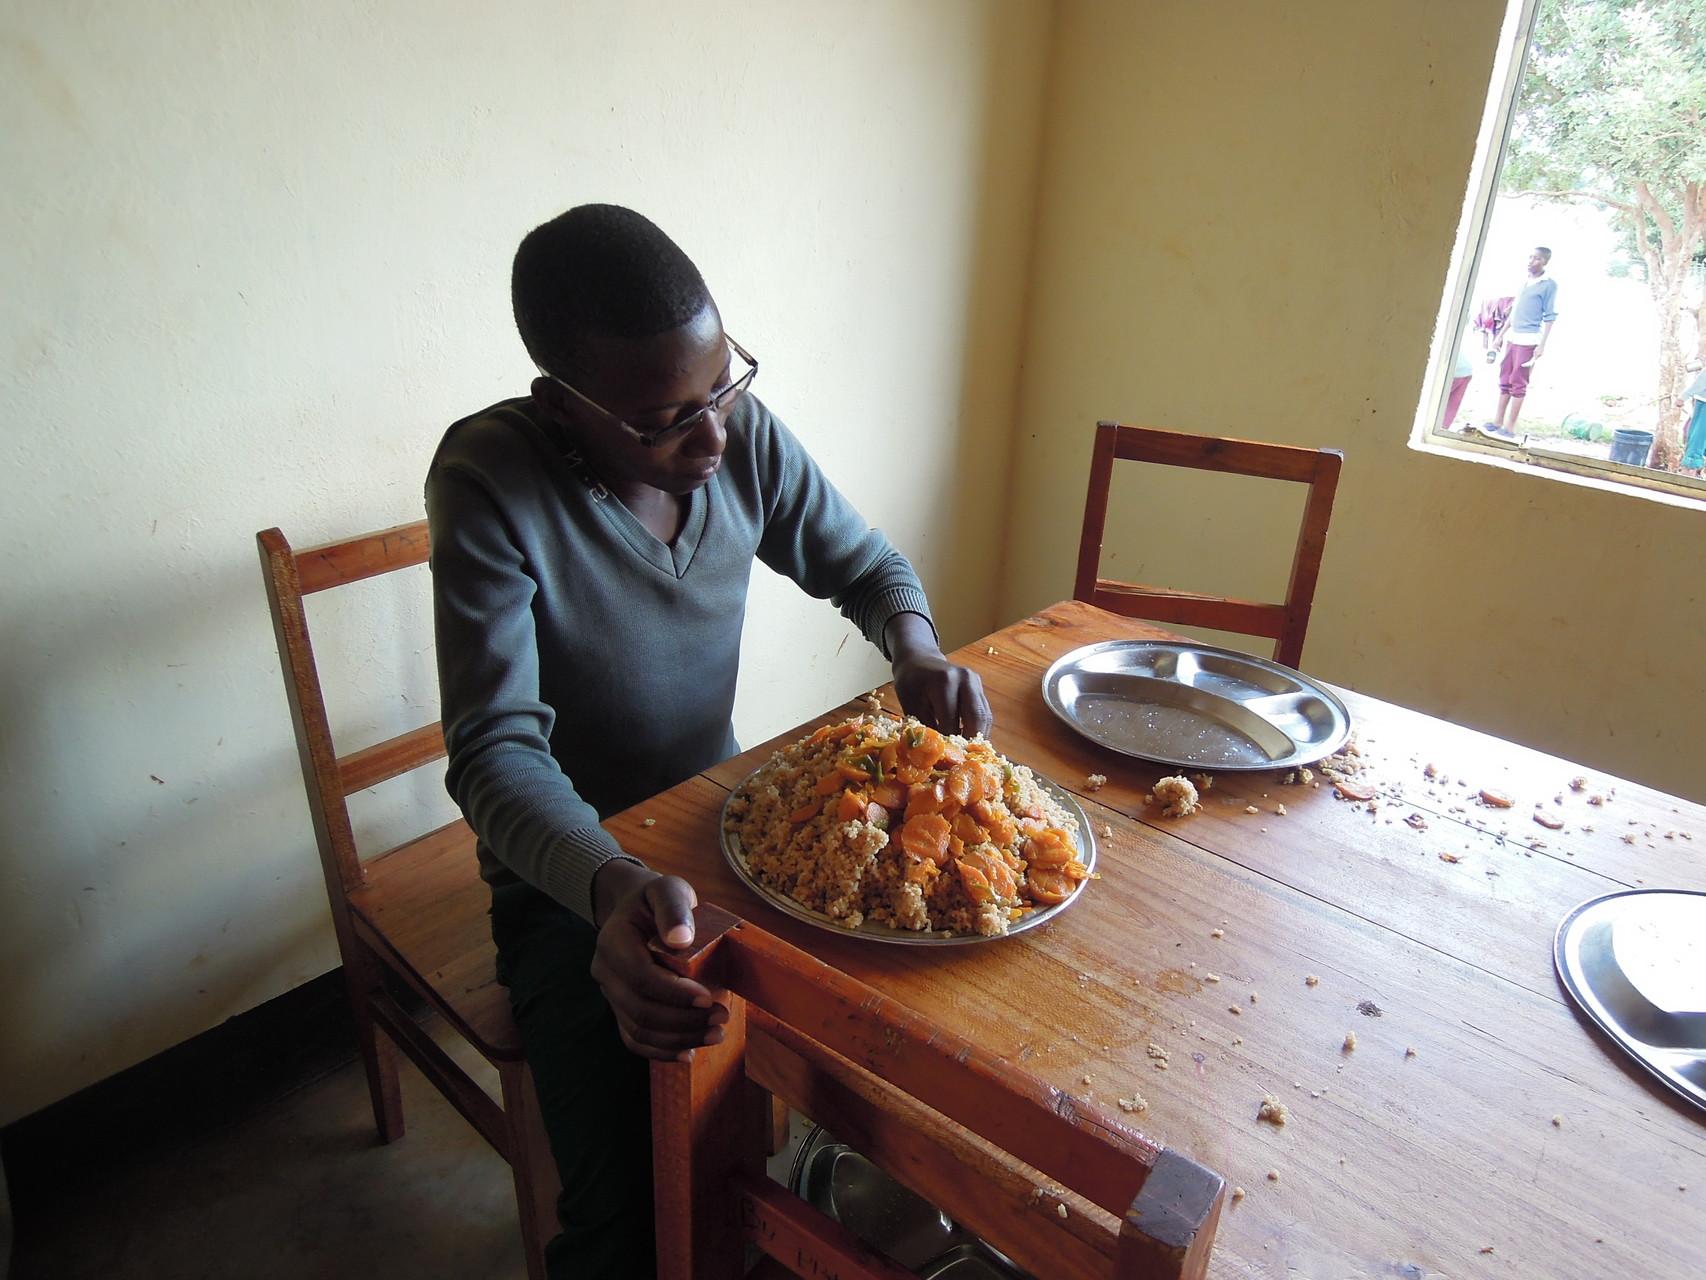 Simon mit einer riesigen Portion Essen. Und glaubt mir, das schafft er!